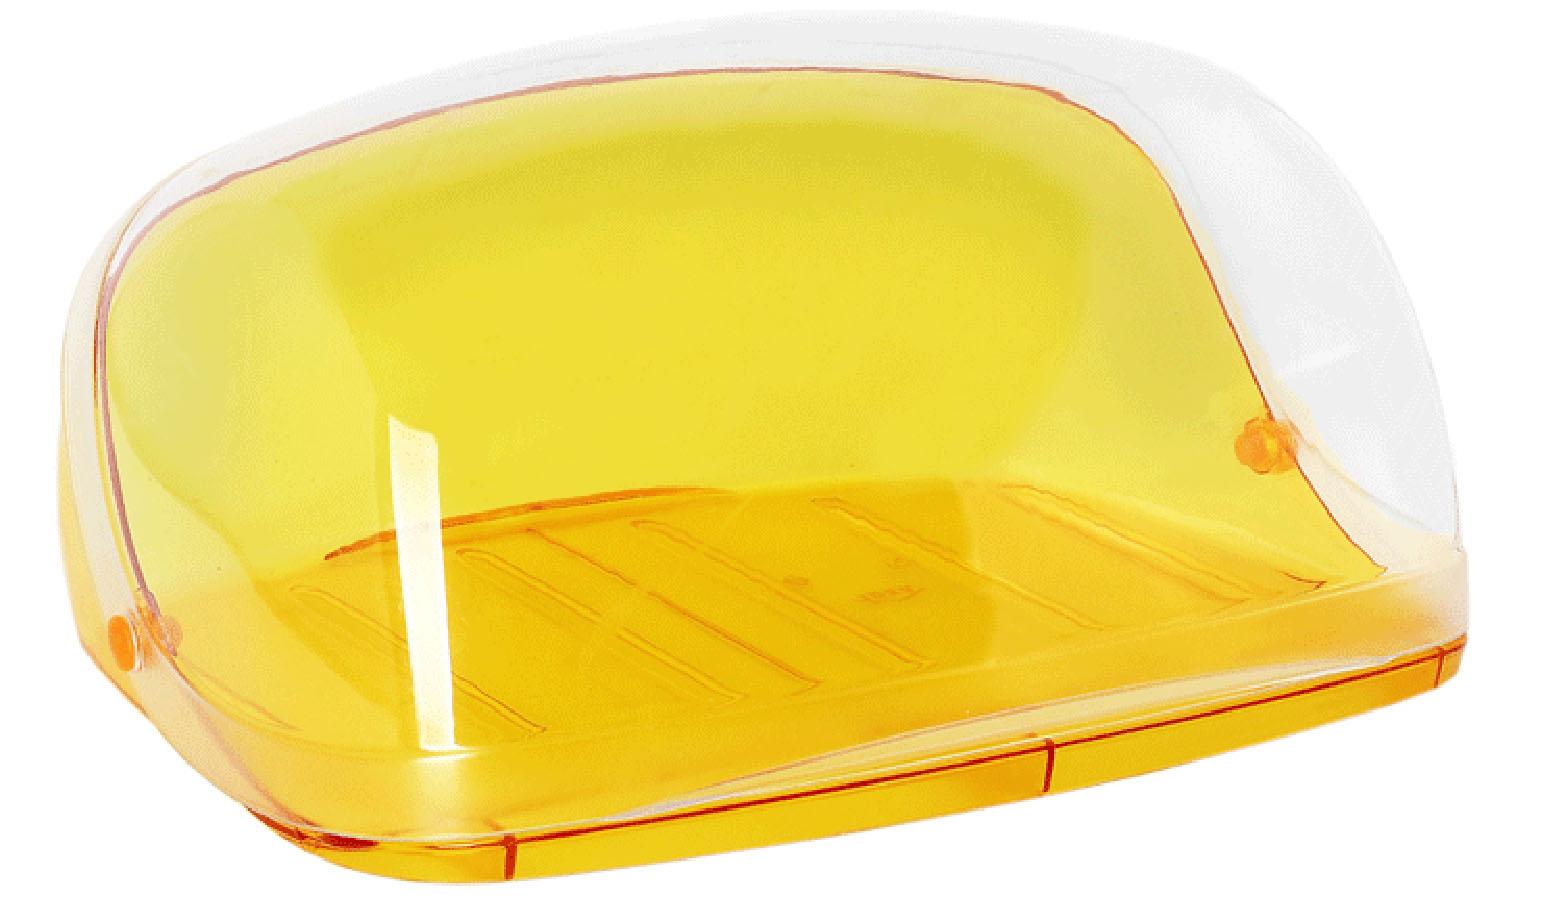 Хлебница Idea Кристалл, цвет: оранжевый, прозрачный, 40 х 29 х 16 смFD-59Хлебница Idea Кристалл, изготовленная из пищевого пластика, обеспечивает идеальные условия хранения для различных видов хлебобулочных изделий, надолго сохраняя их свежесть. Изделие оснащено плотно закрывающейся крышкой, защищающей продукты от воздействия внешних факторов (запахов и влаги).Вместительность, функциональность и стильный дизайн позволят хлебнице стать не только незаменимым аксессуаром на кухне, но и предметом украшения интерьера. В ней хлеб всегда останется свежим и вкусным.